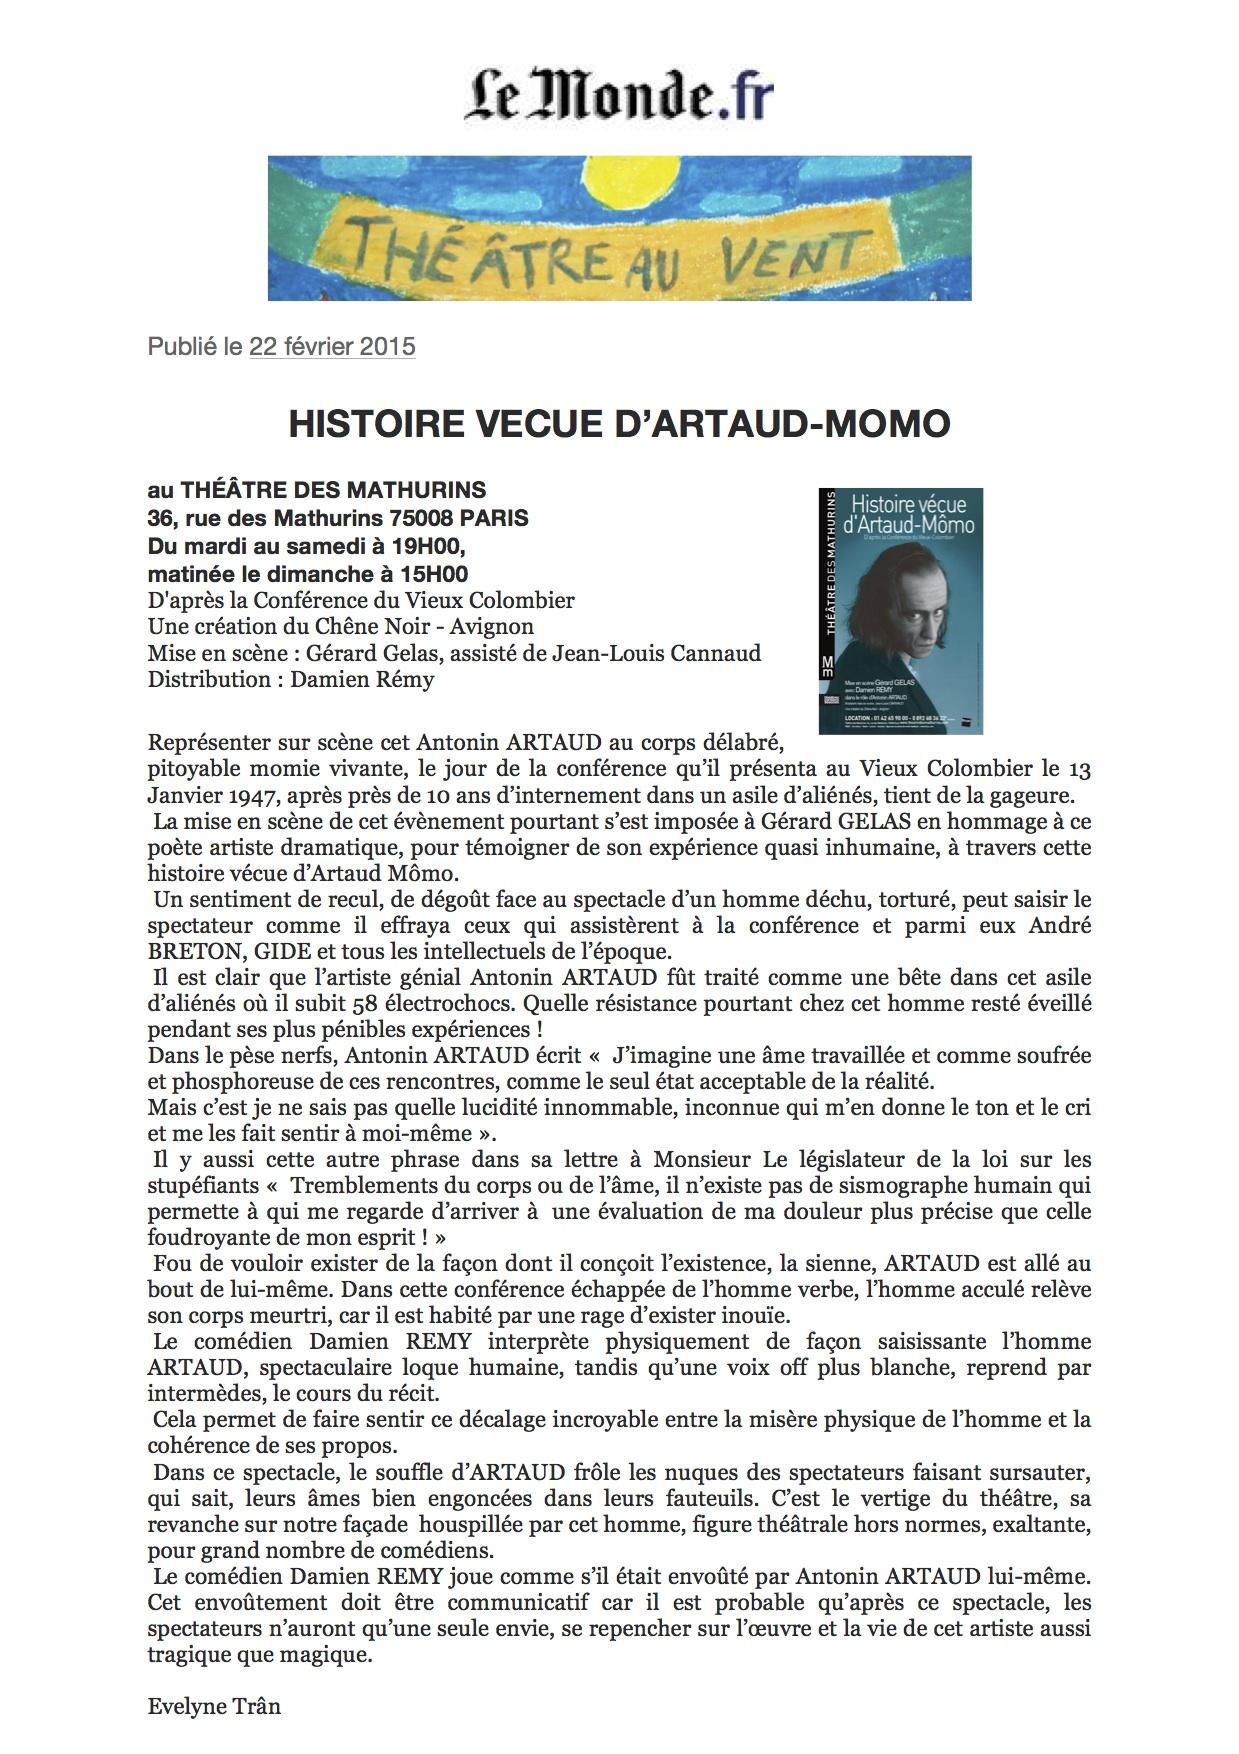 Artaud Momo Critique Le Monde